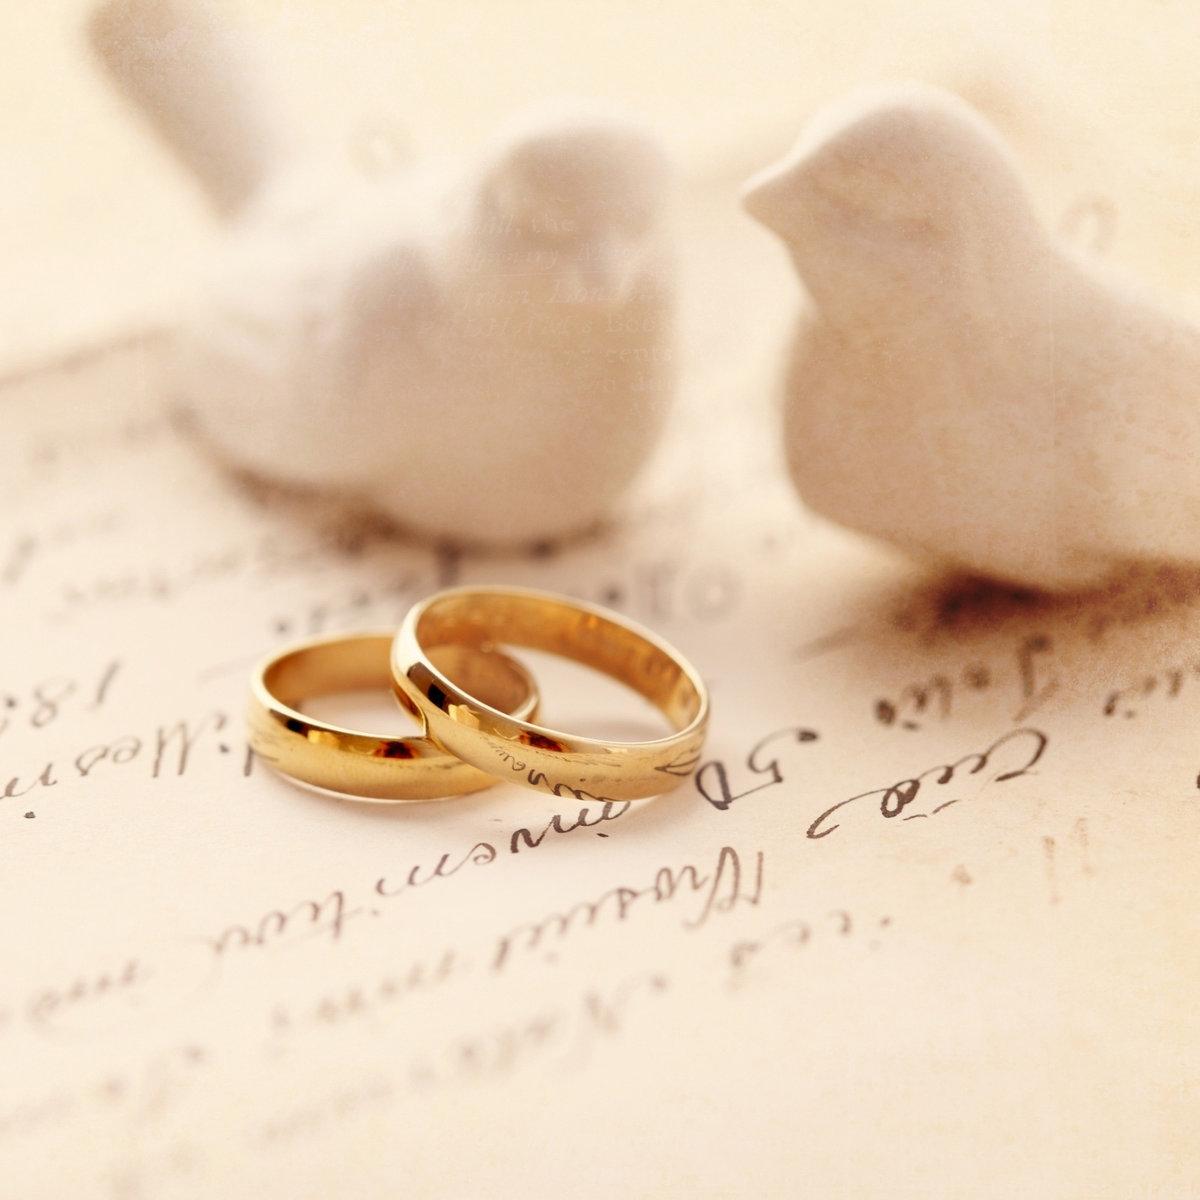 Ситцевая свадьба (1 год) какая свадьба, поздравления, стихи 61